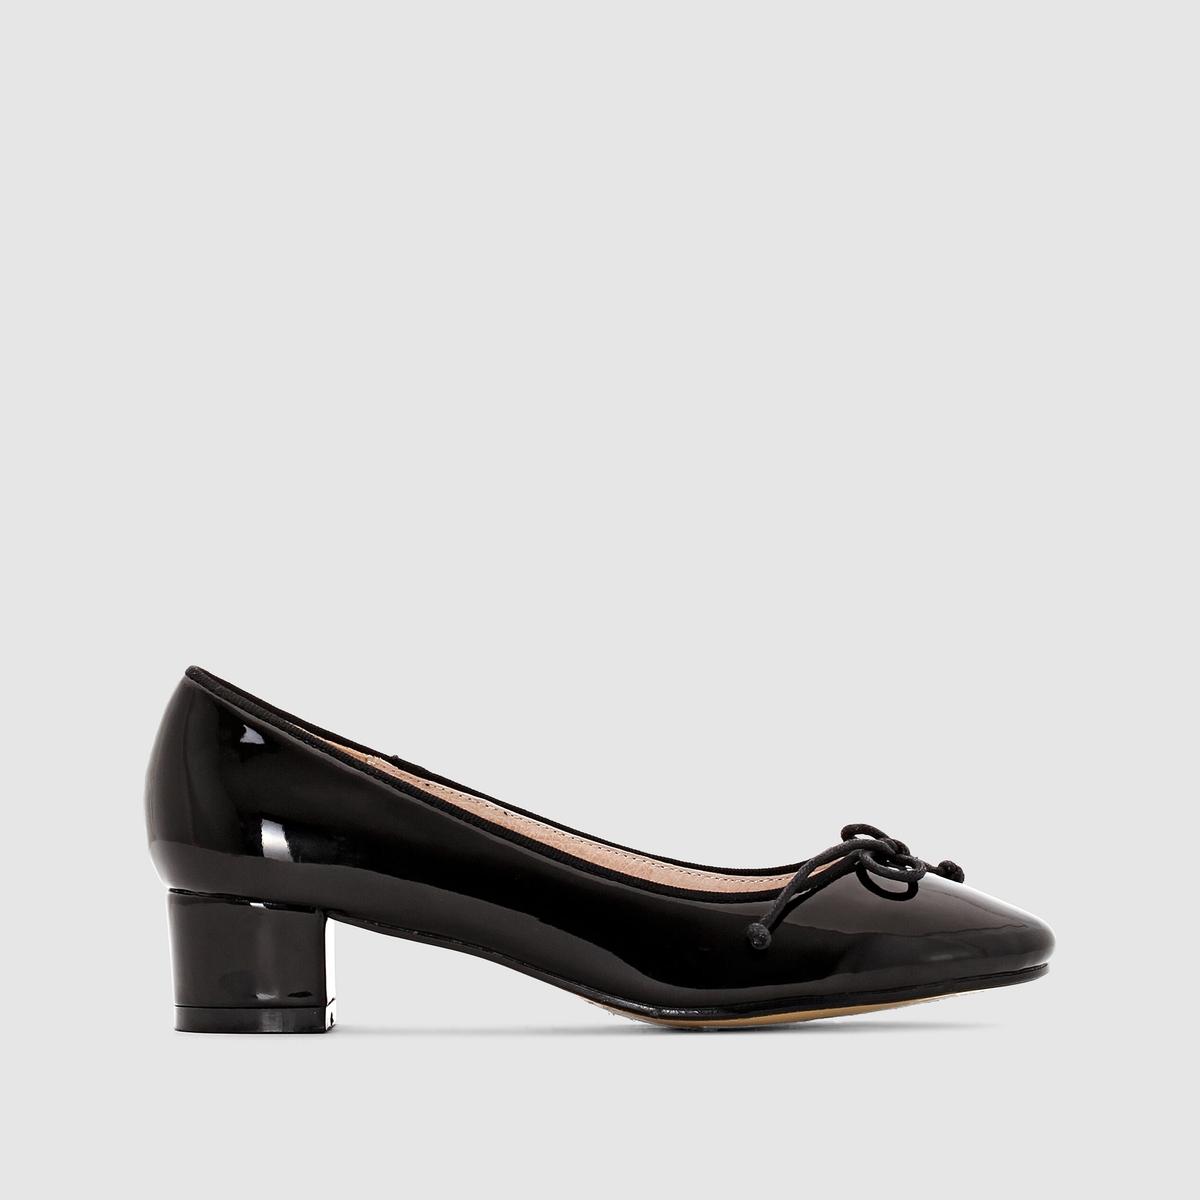 БалеткиБалетки - R EssentielsВерх : синтетика Подкладка : кожа.Стелька : кожа.Подошва : эластомер.Застежка : без застежки. Высота каблука 3,5 см Мы советуем выбирать обувь на размер больше, чем ваш обычный размер  .<br><br>Цвет: телесный,темно-синий<br>Размер: 36.37.38.37.38.40